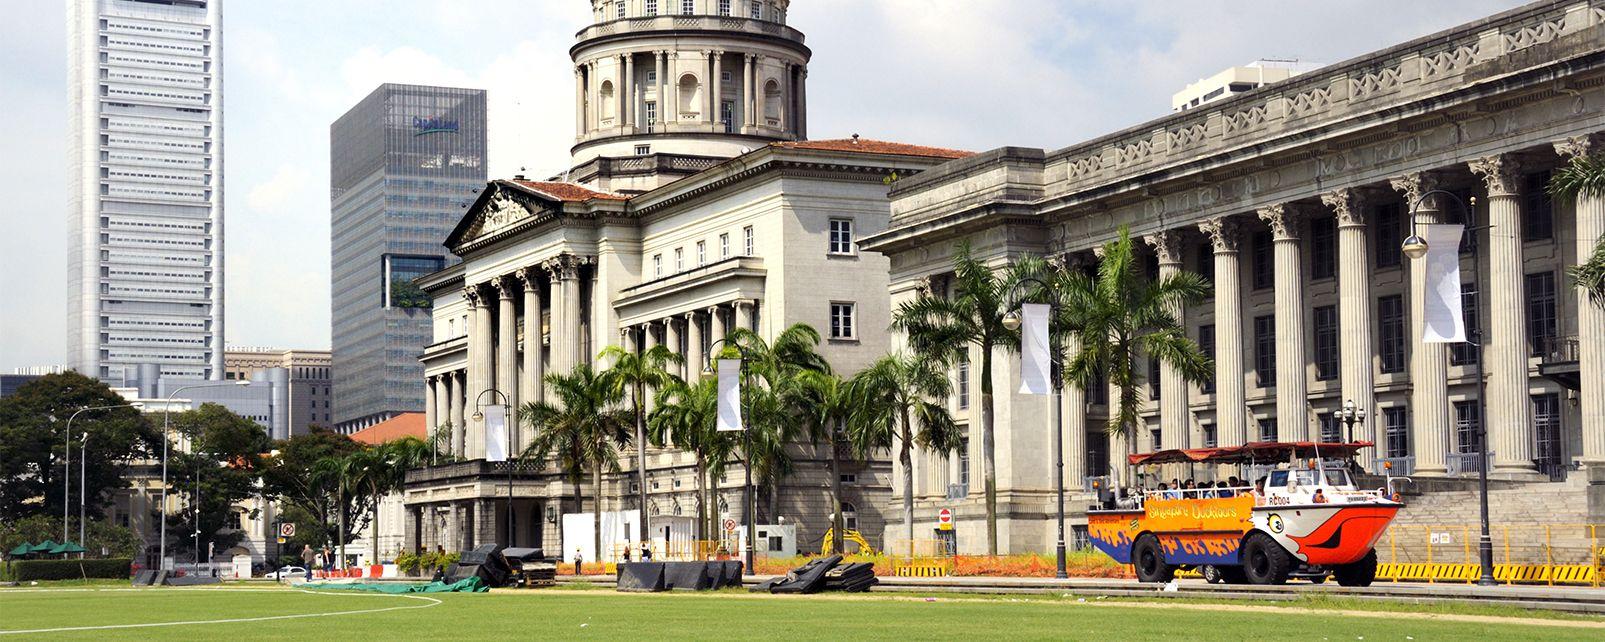 Les musées, Building Padang art gallery gallery